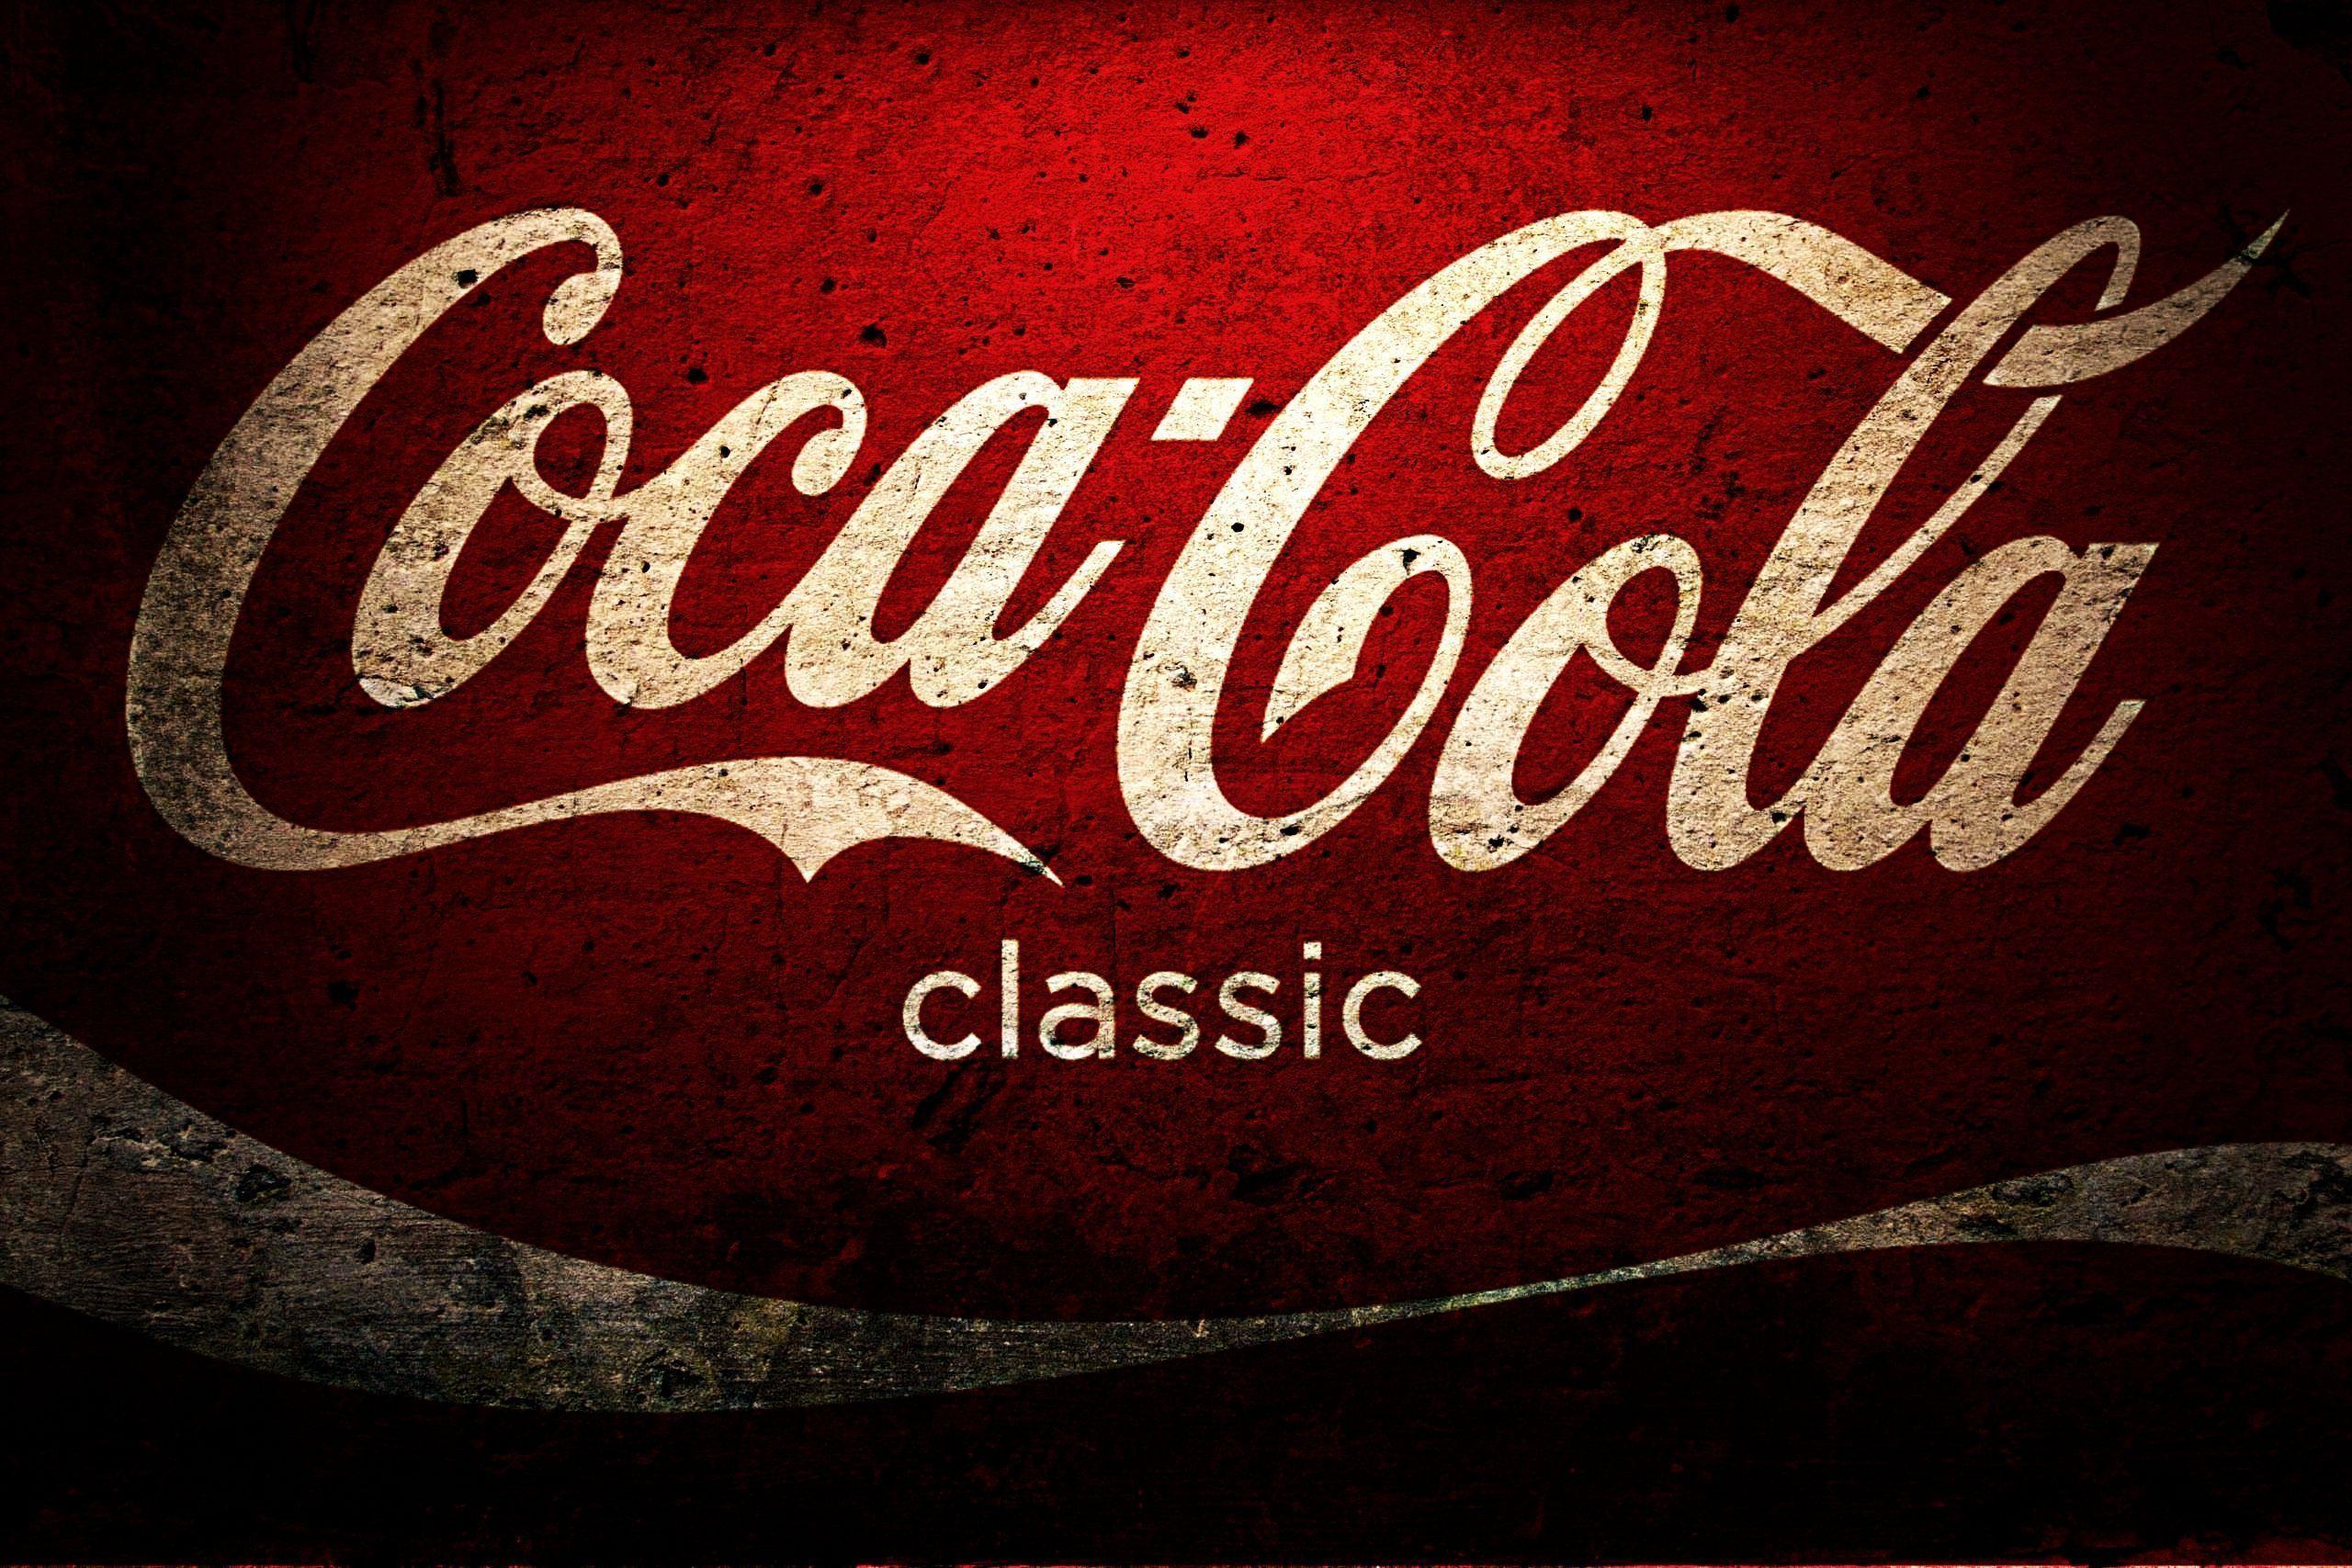 fond d écran coca cola